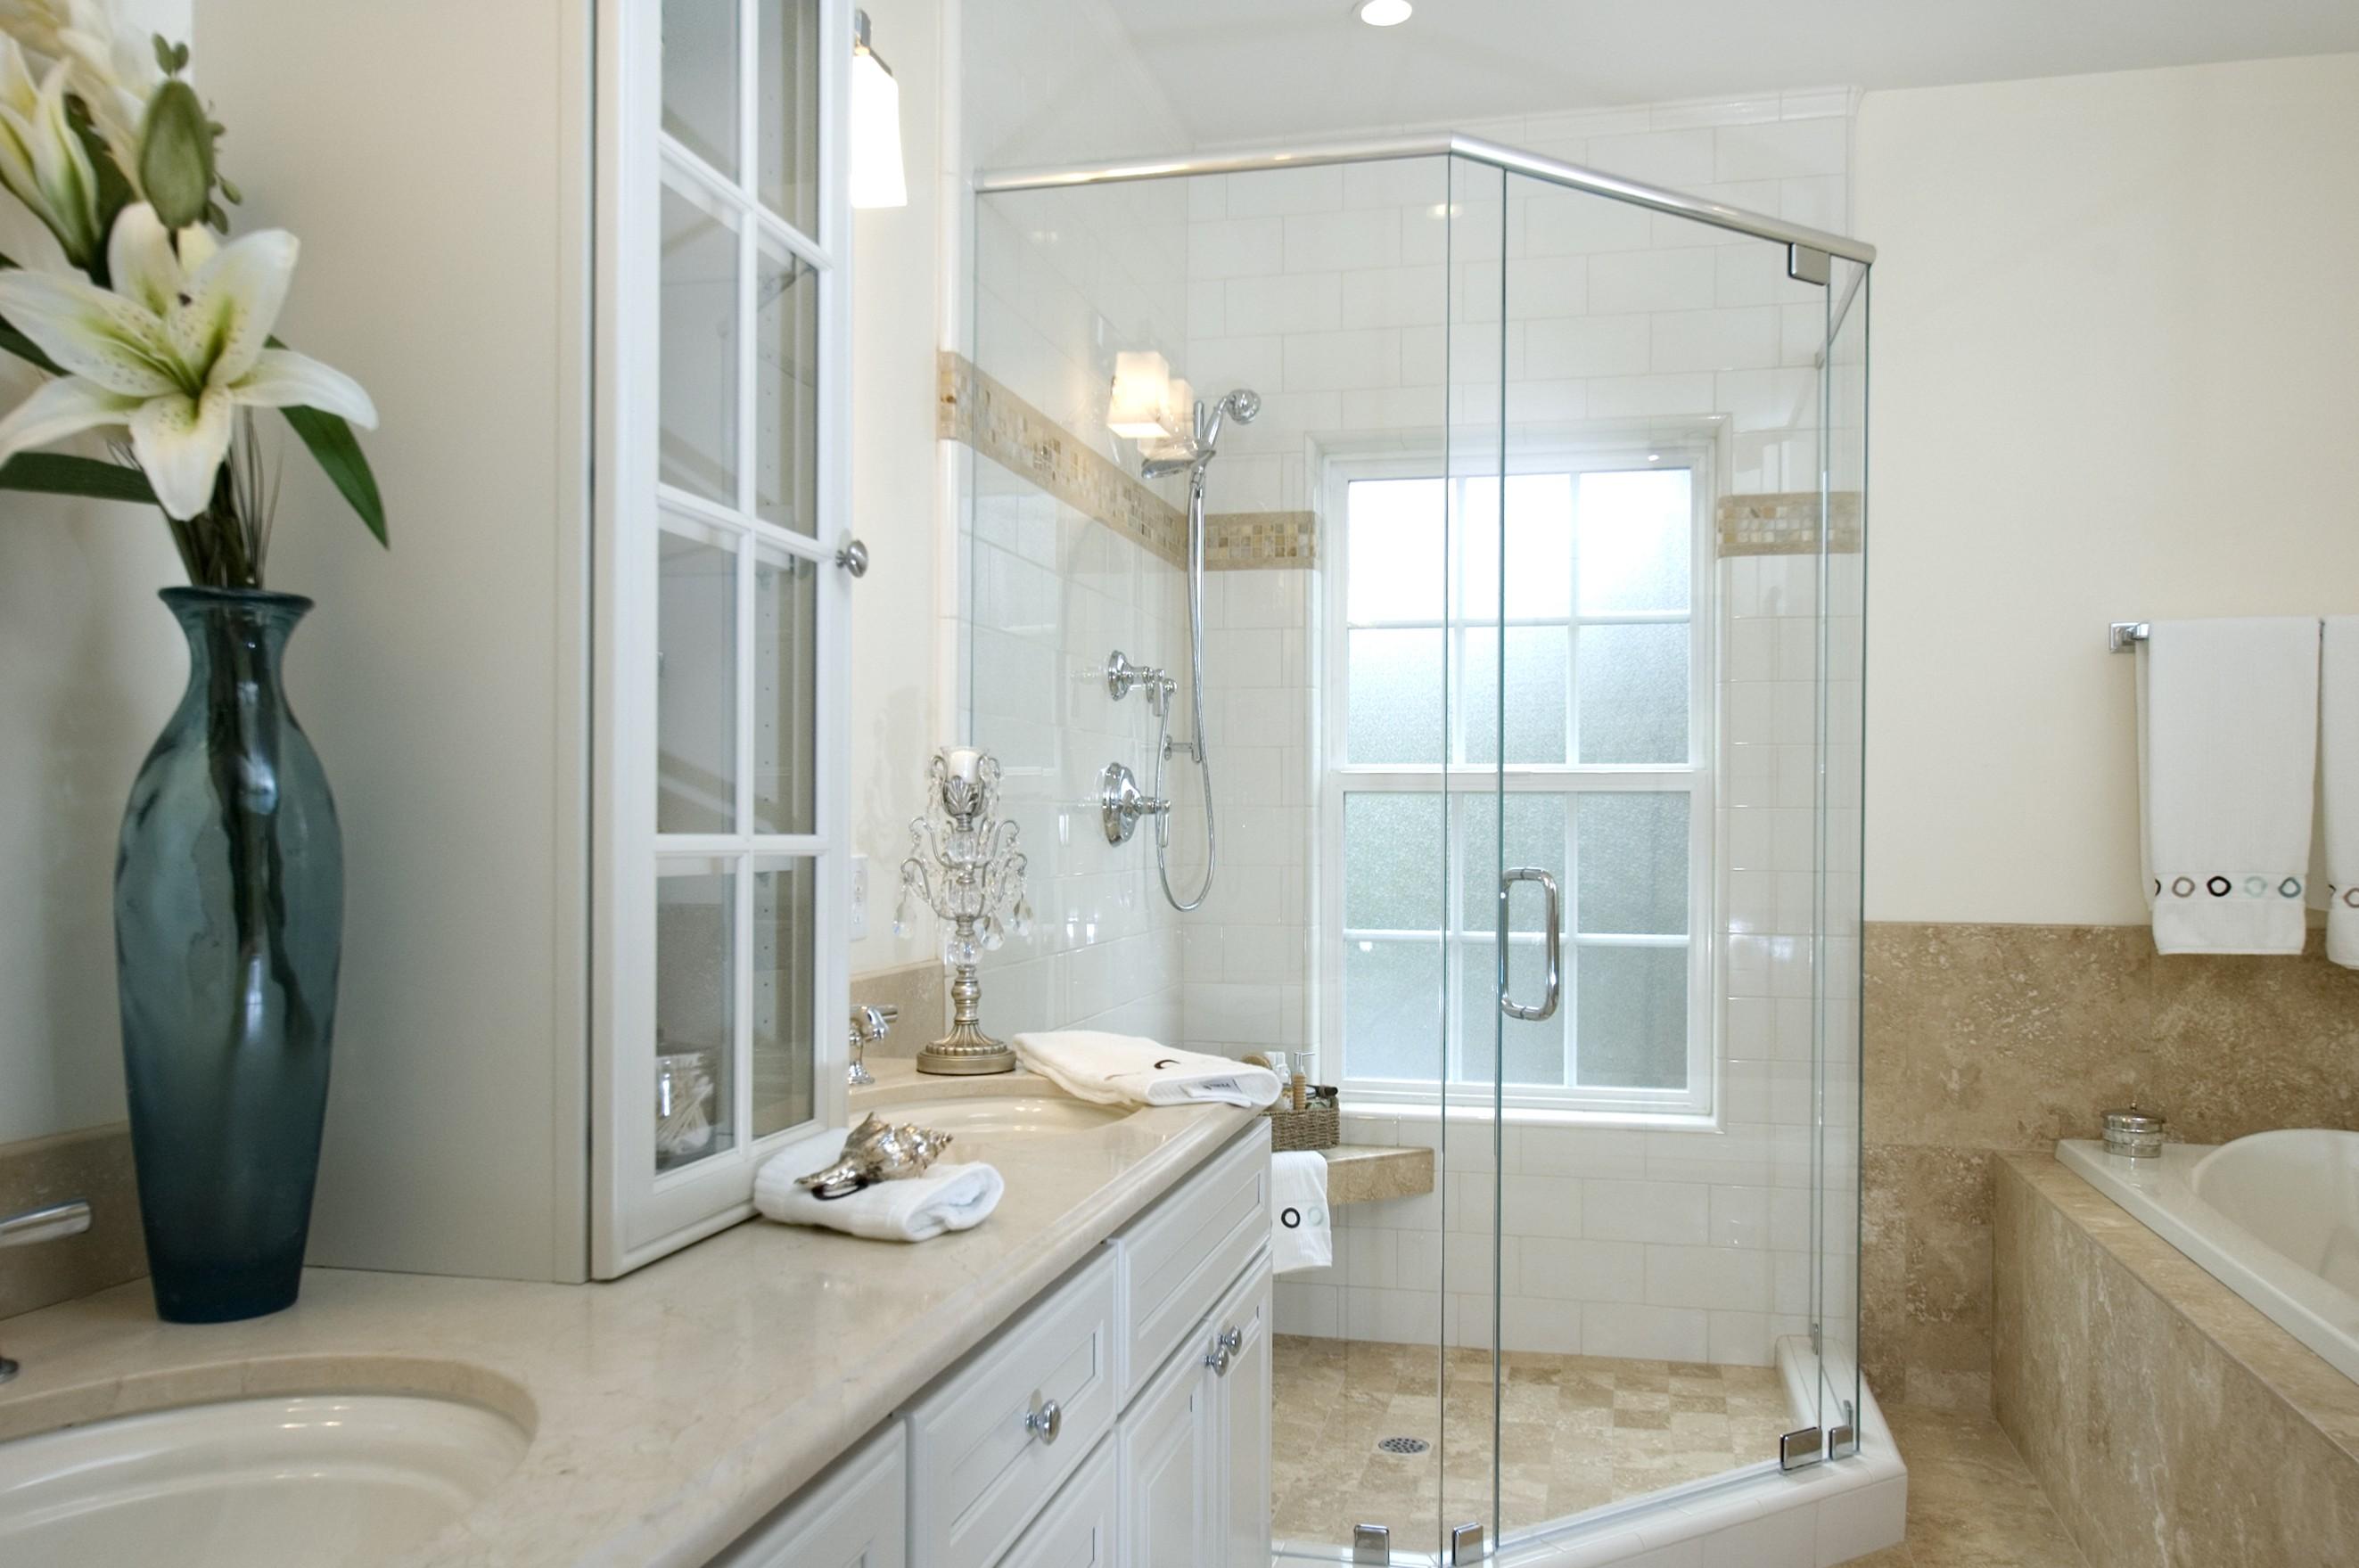 Gia chủ nên lựa chọn phong cách thiết kế hiện đại tối giản để tạo nên một không gian phòng tắm rộng rãi, thoải mái, dễ chịu